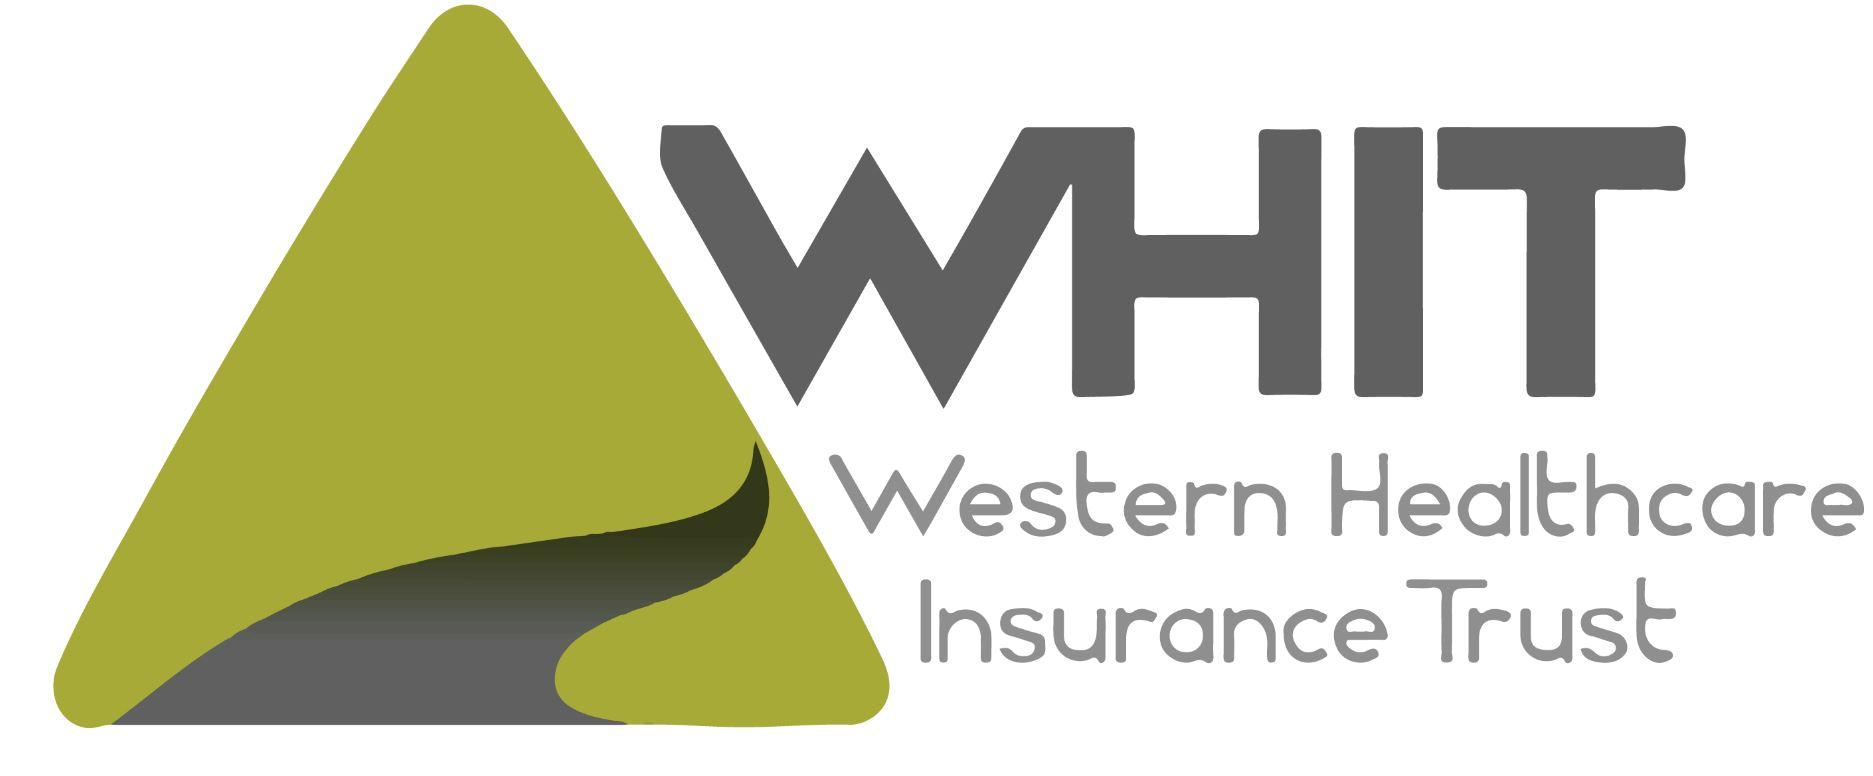 WHIT logo